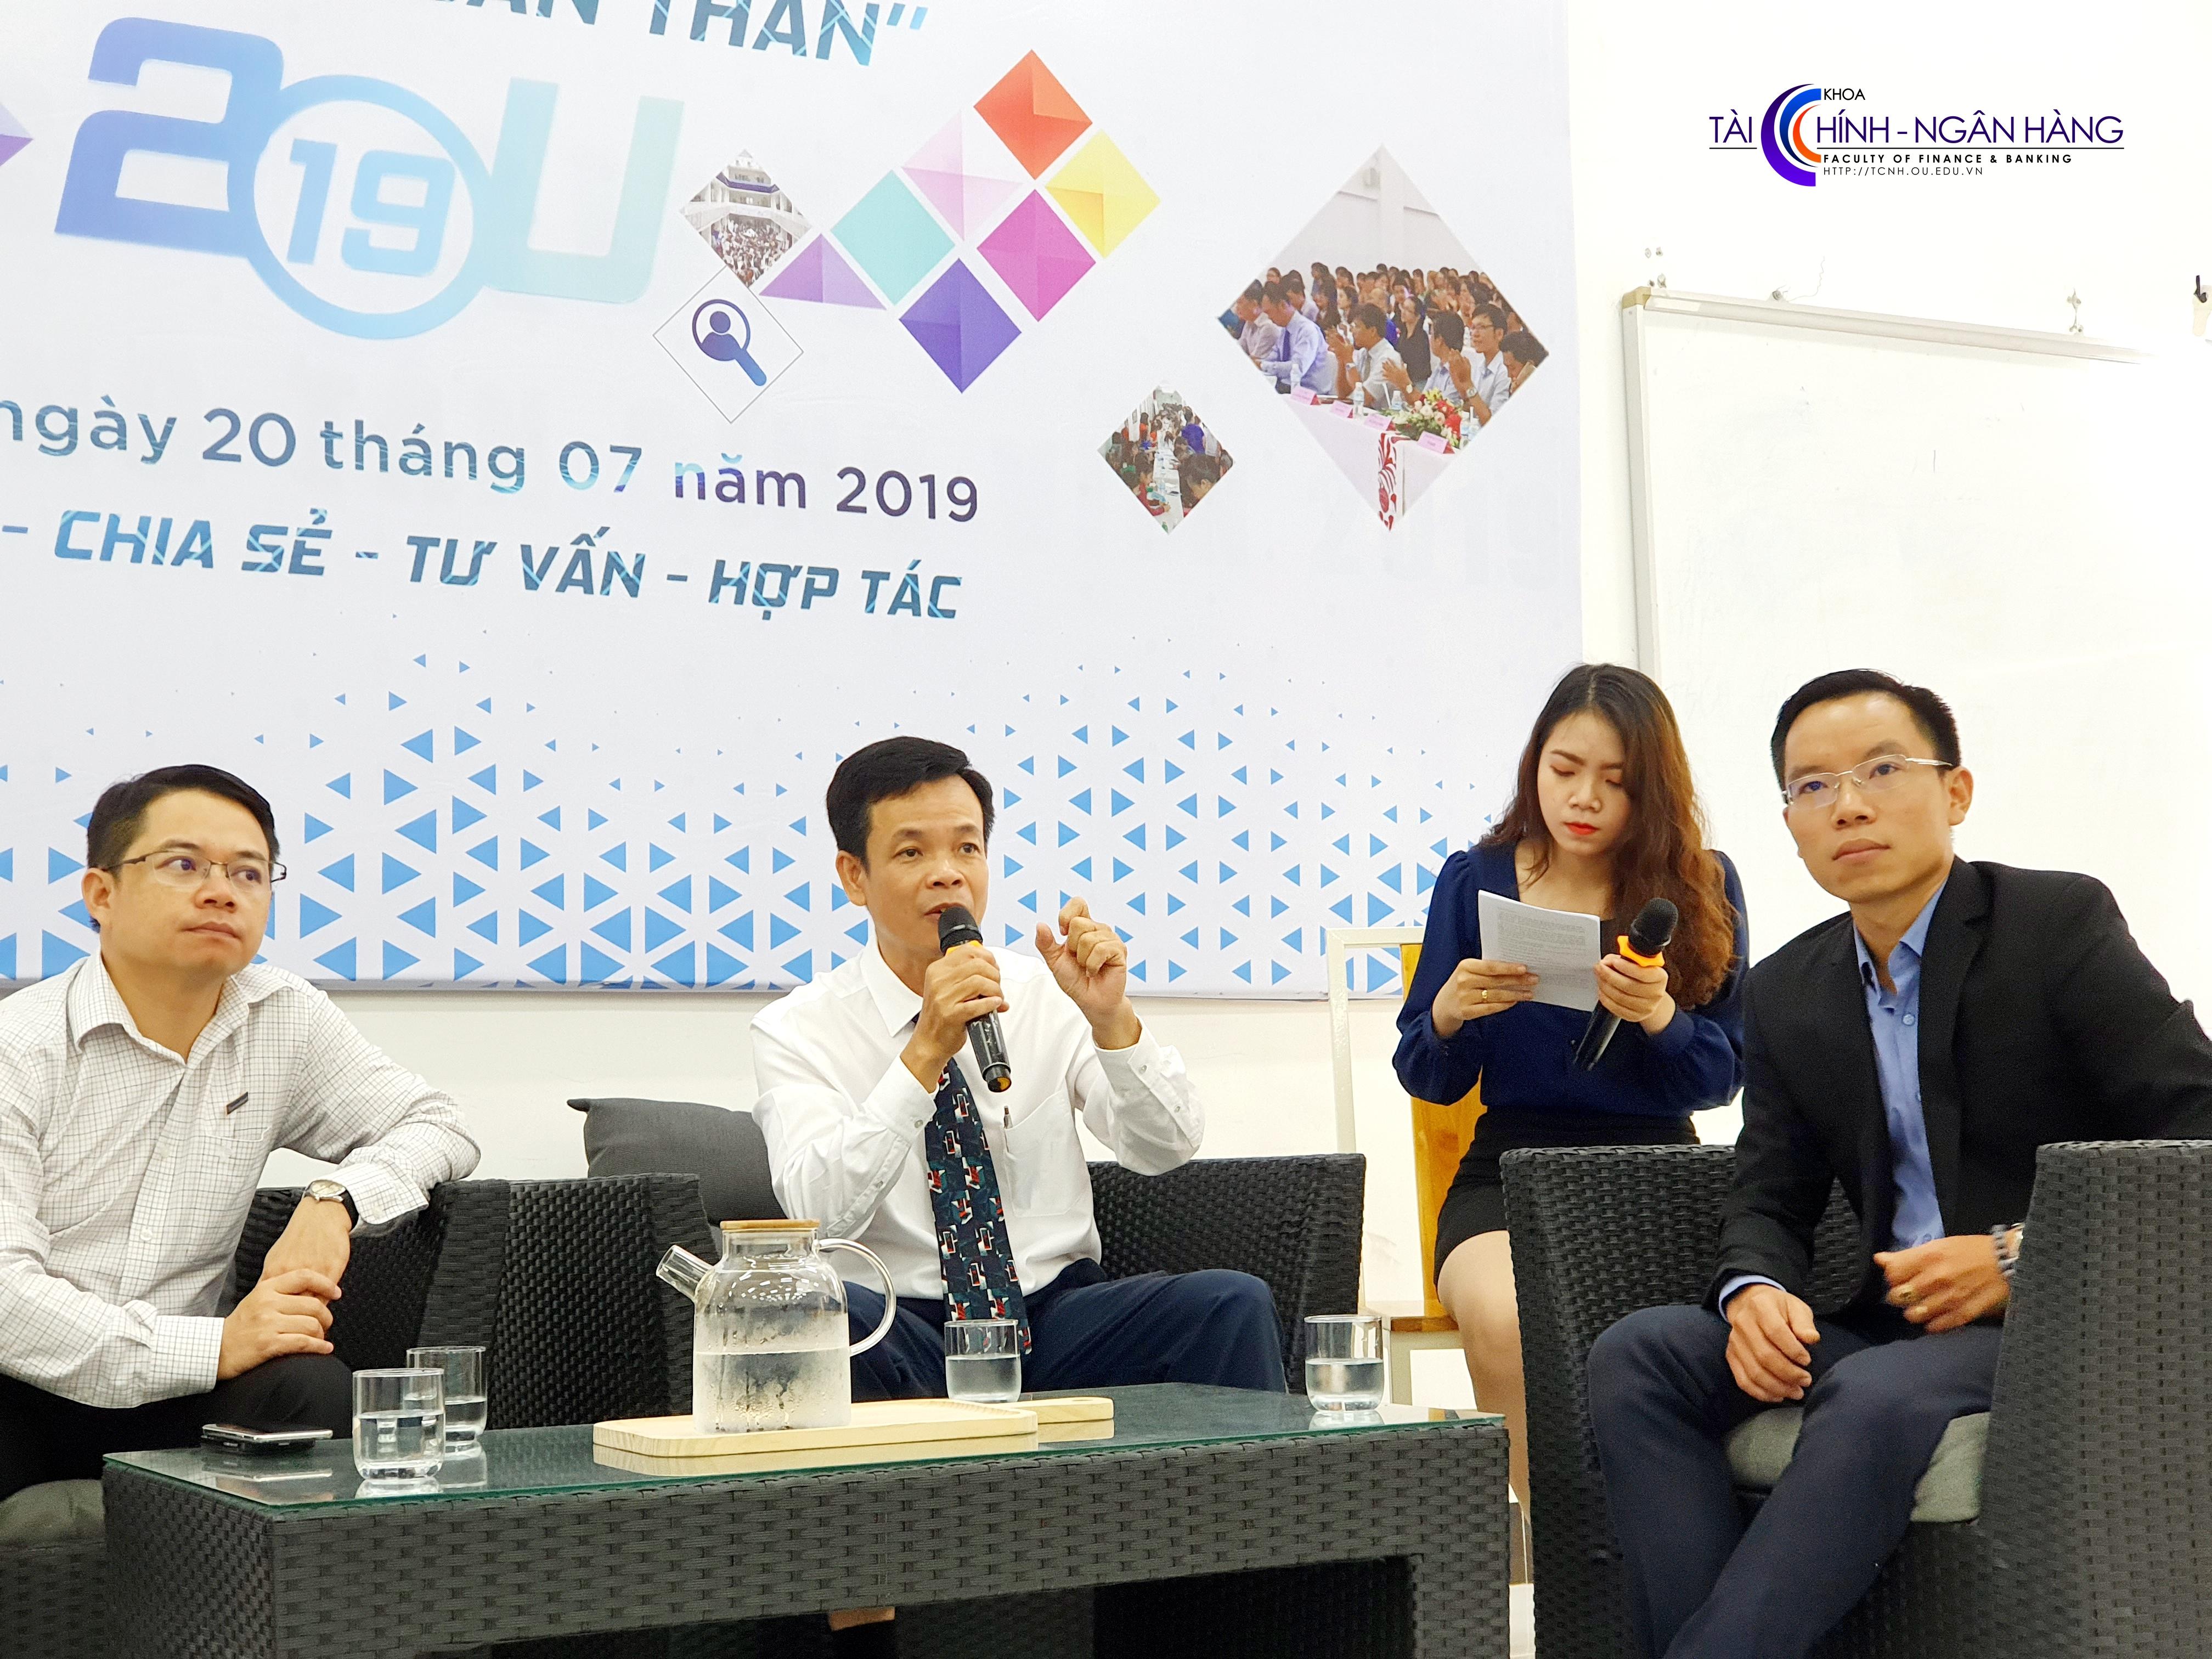 Ông Lê Thương Phú chia sẻ những kỹ năng cần thiết để chuẩn bị hồ sơ và phỏng vấn xin việc.